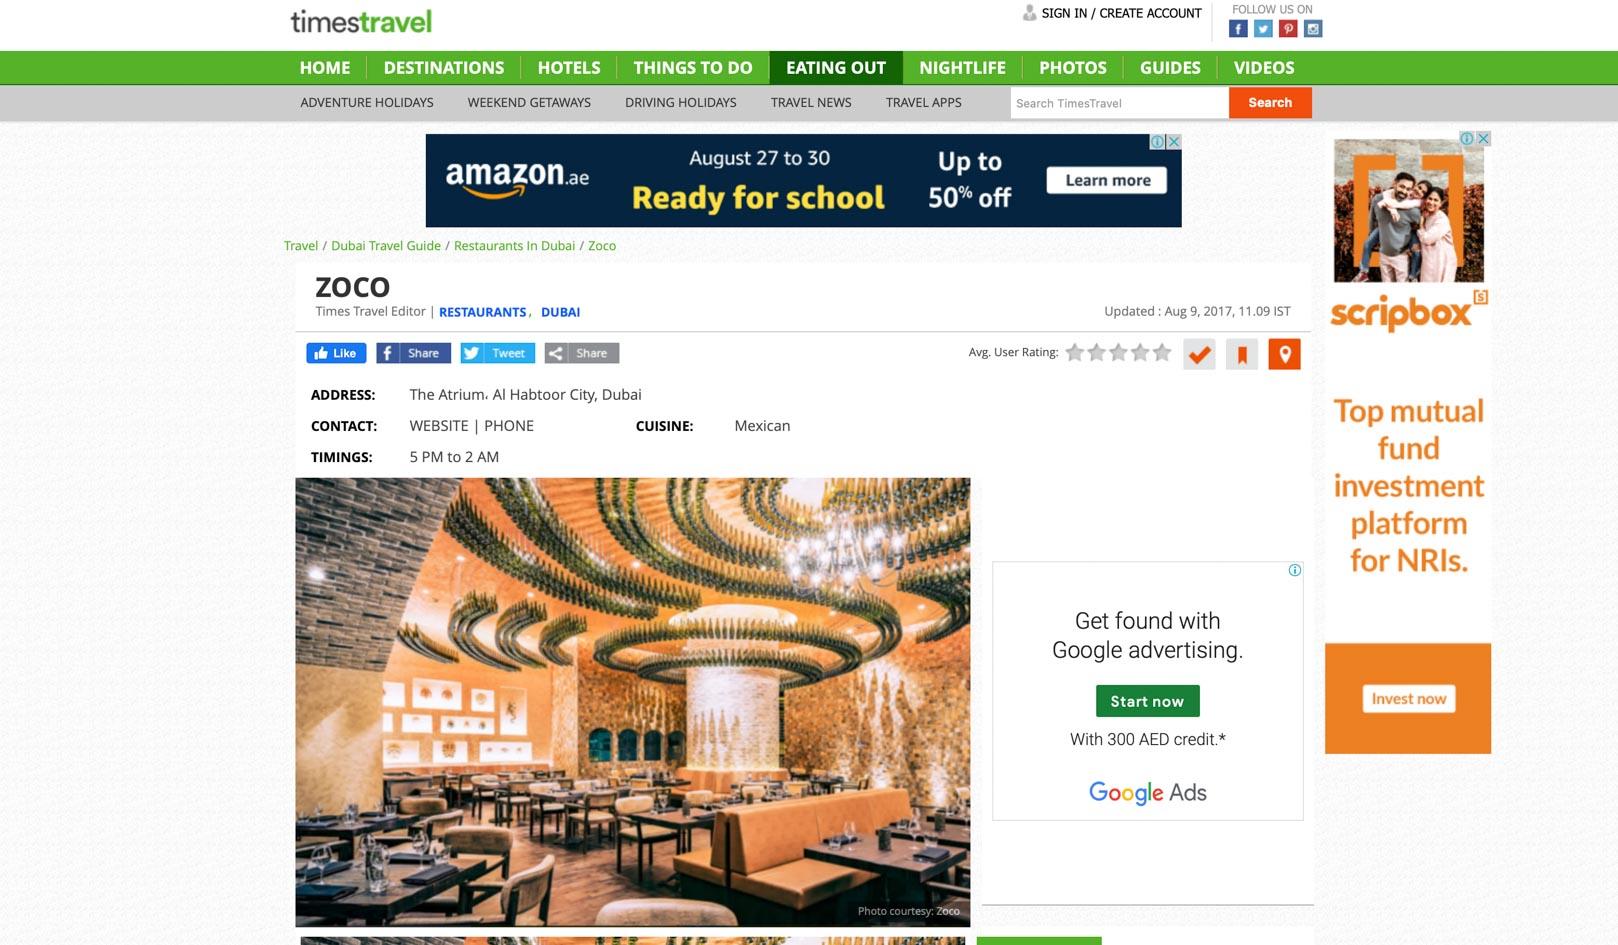 Zoco Dubai Publicity